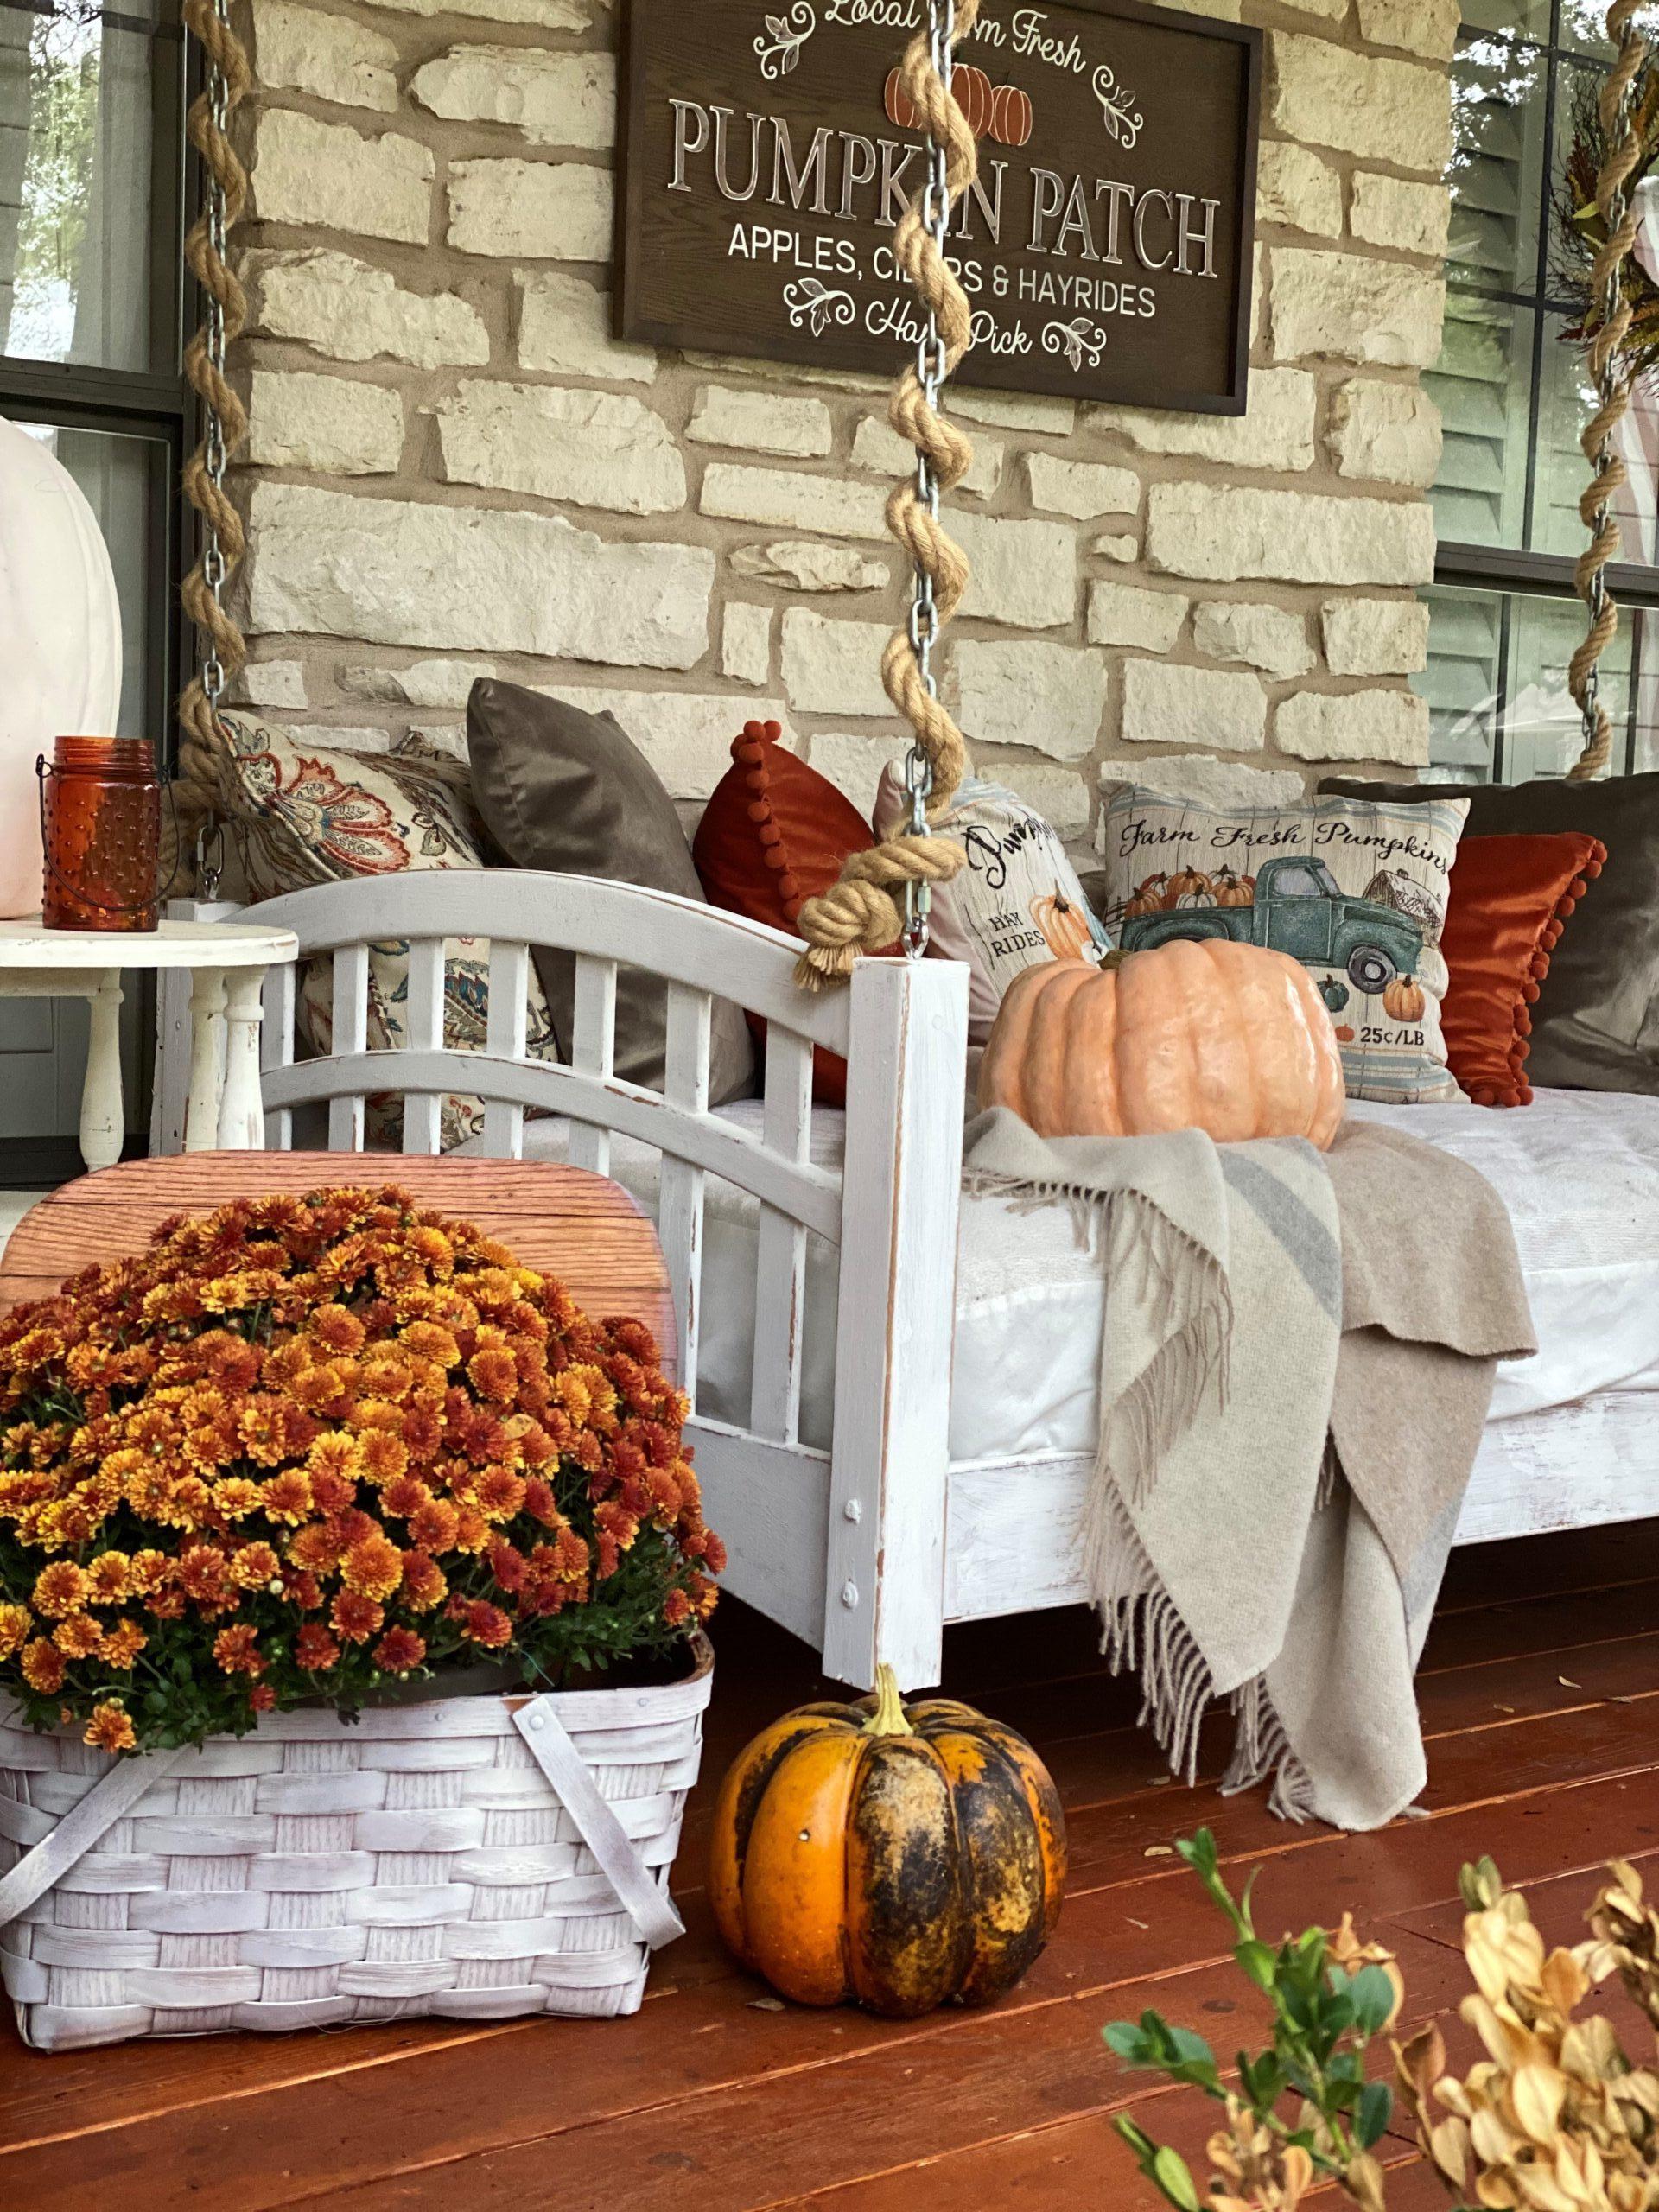 Halloween Front Porch Decorations, Vintage Rustic Front Porch, Pumpkin Patch